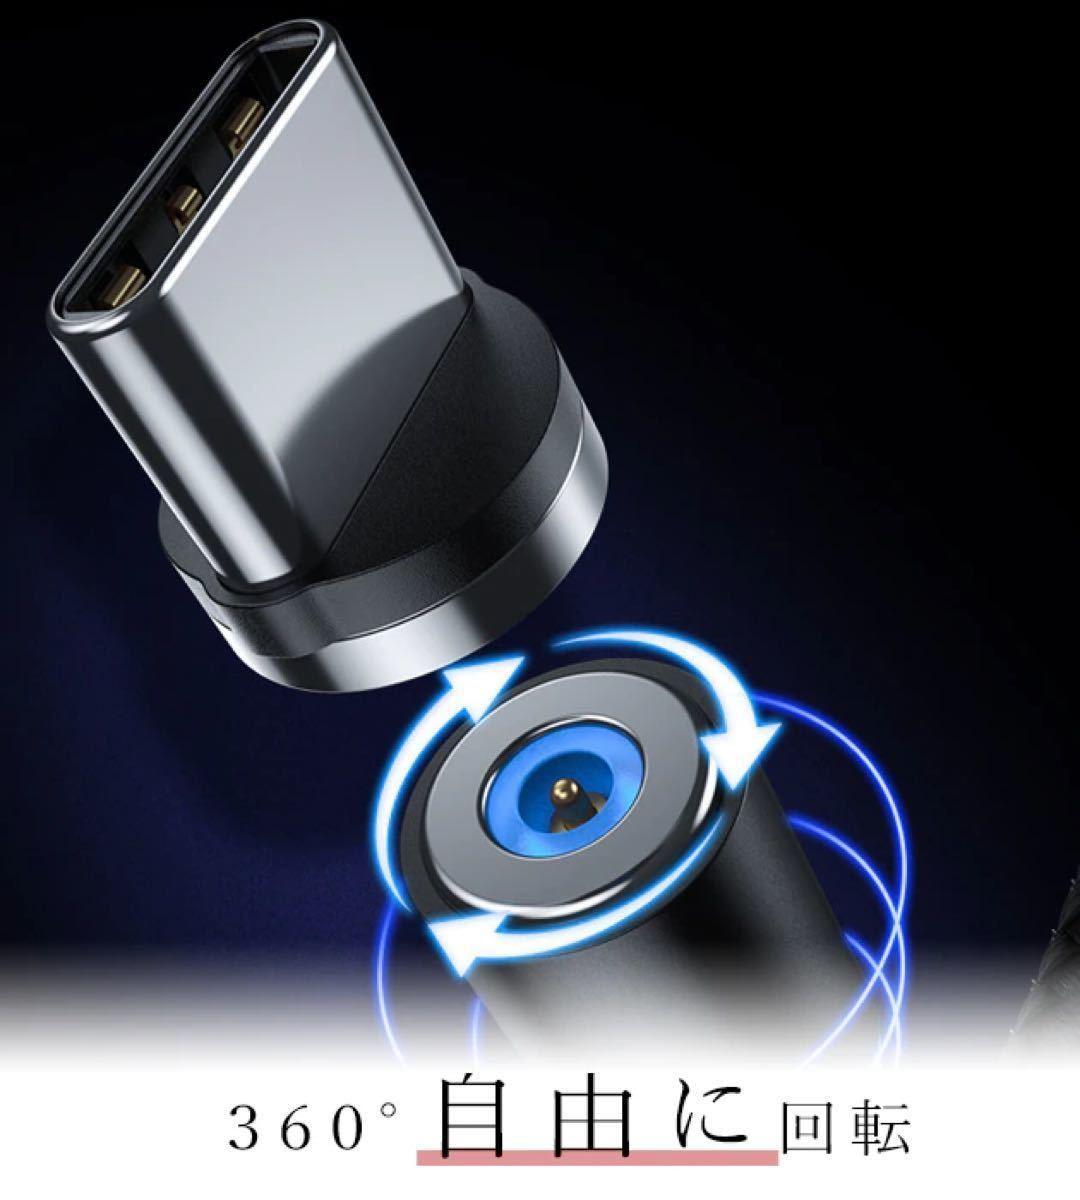 マグネット充電ケーブル 1M*3本+端子6個(iPhone*2+Android *2+TYPE-C*2)急速充電 断線防止磁石式